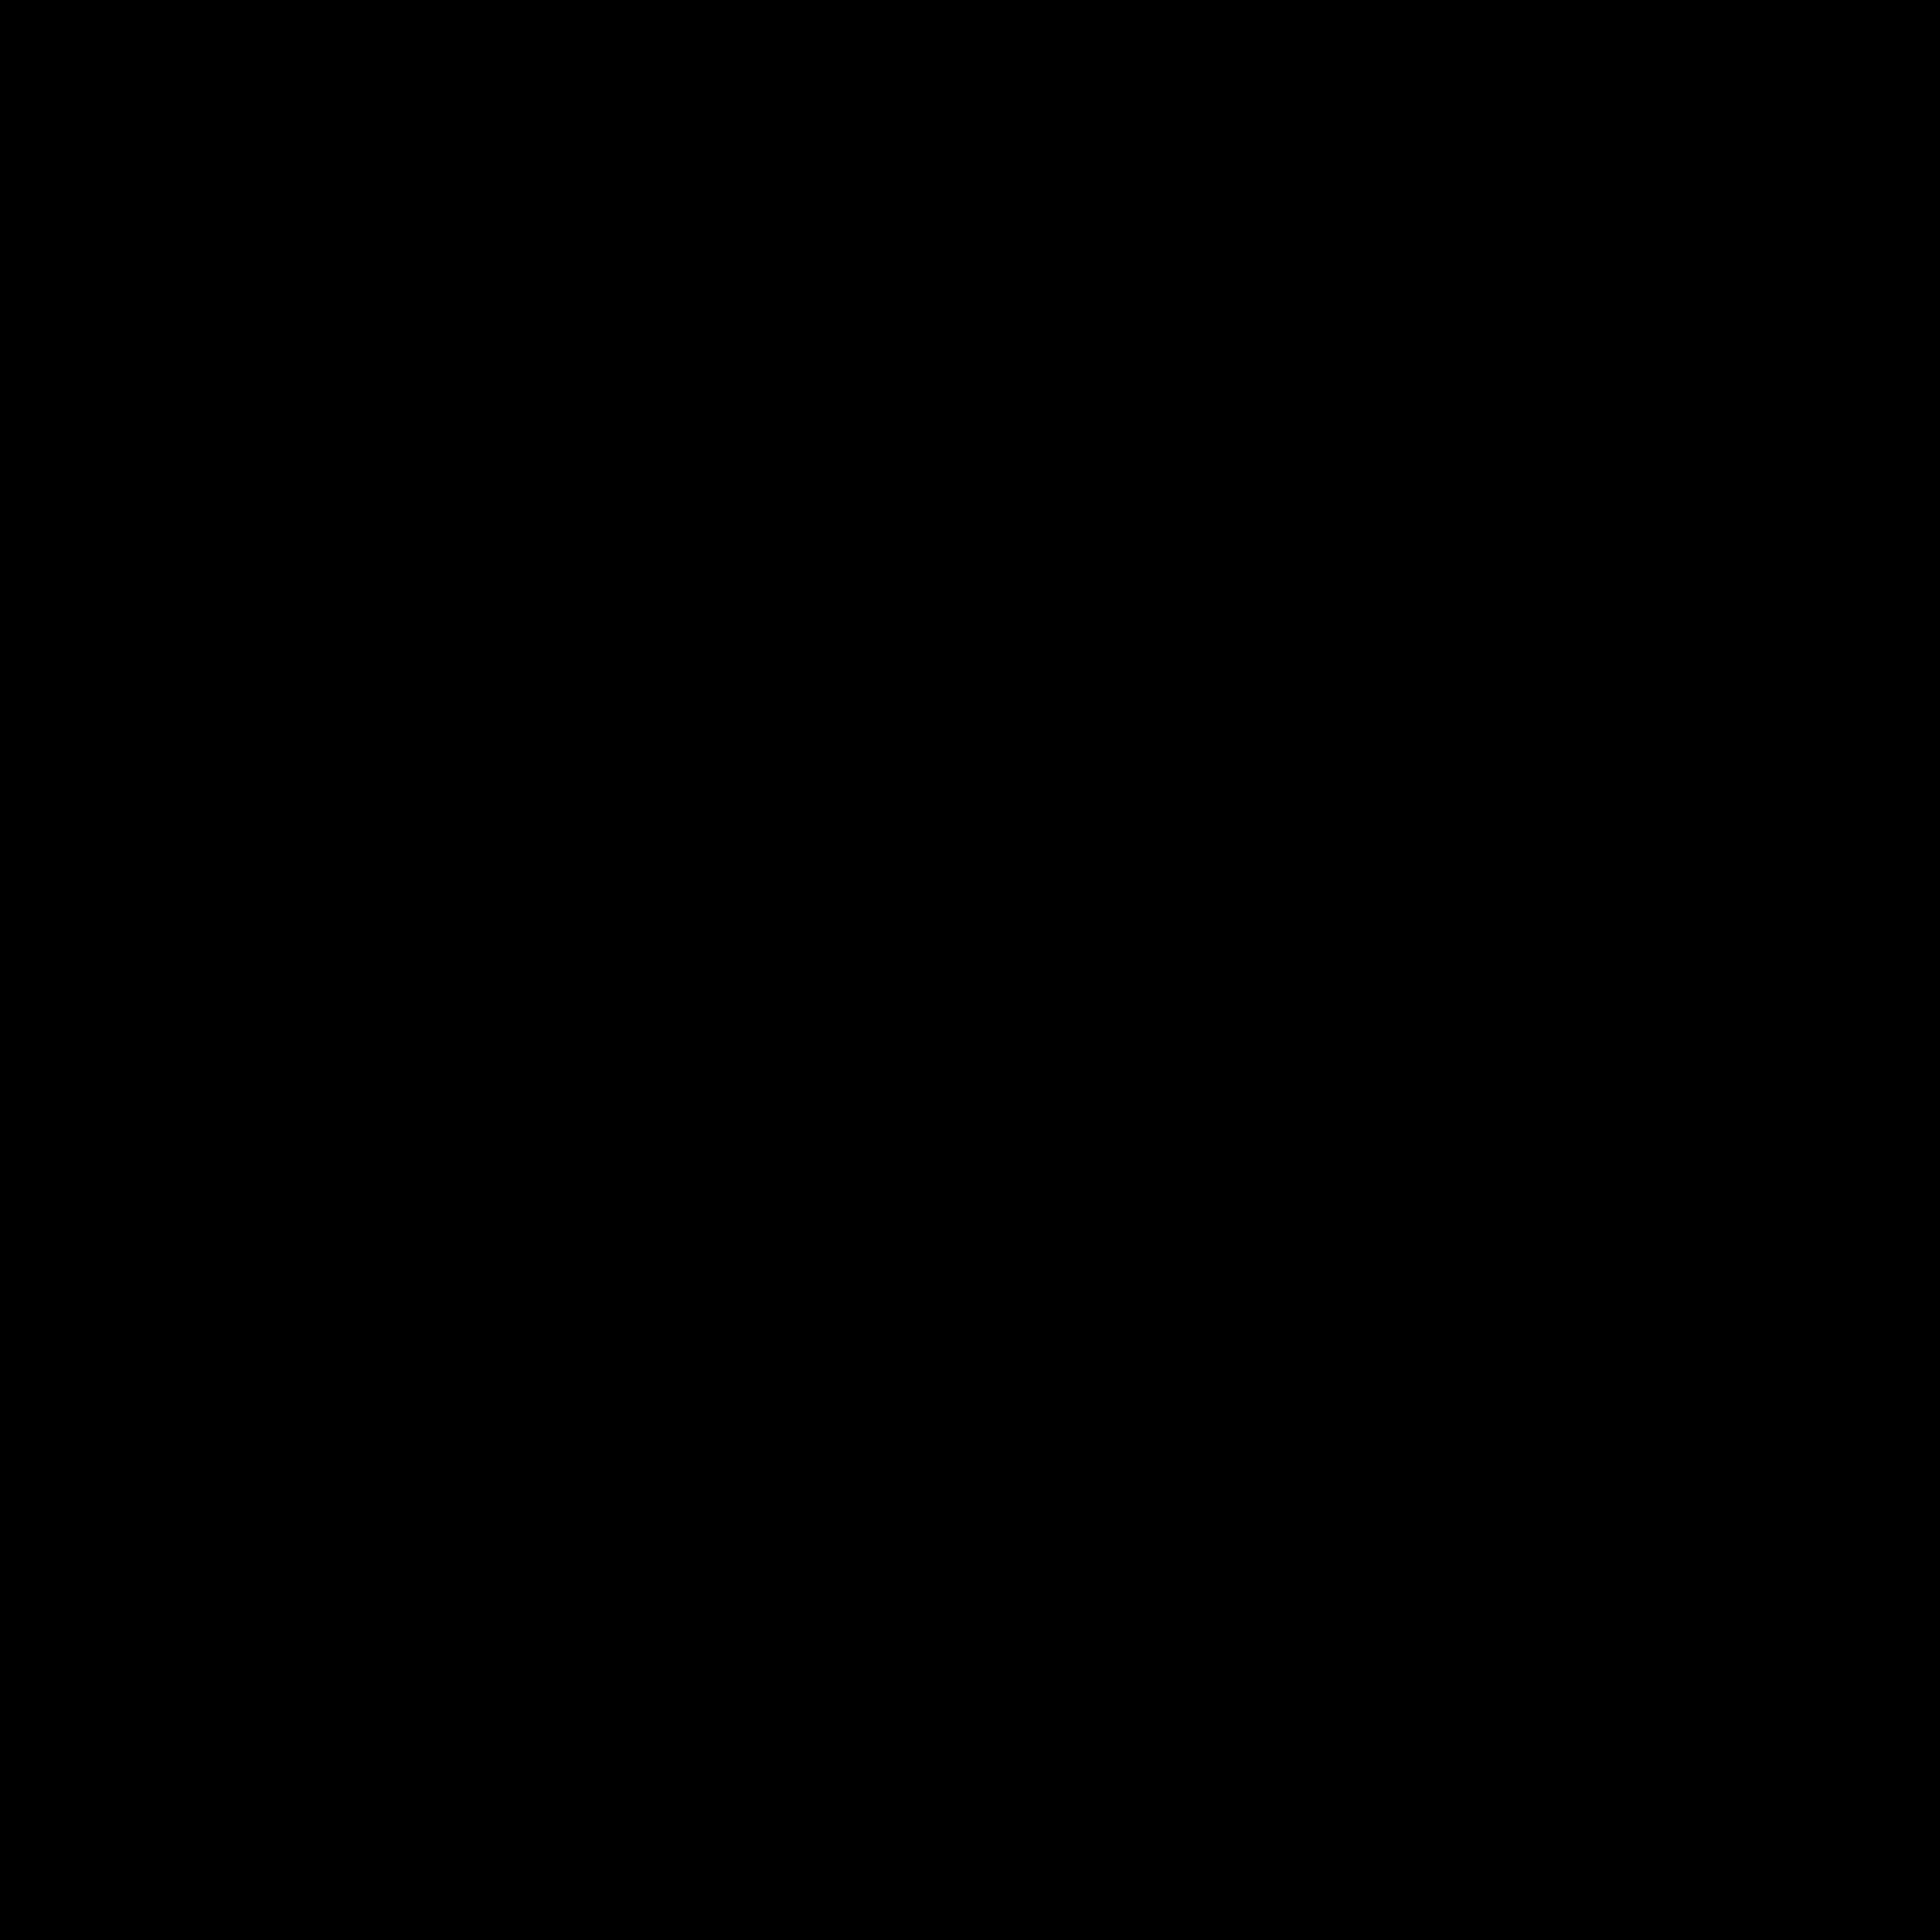 """6er Satz Stühle """"Ährenmodell"""" im gustavianischen Stil"""